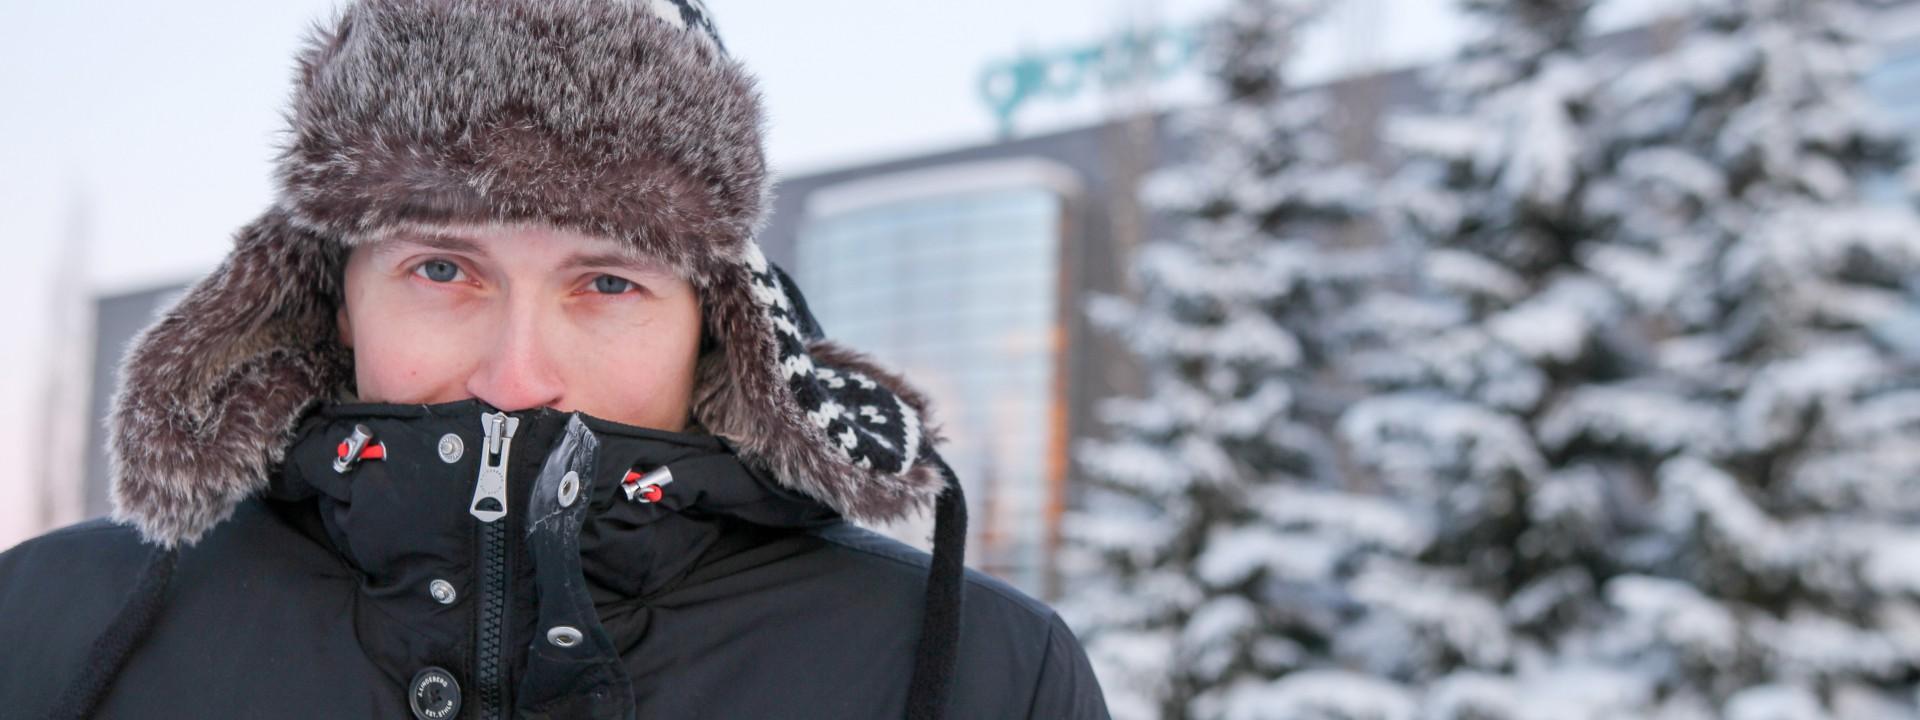 Miika Äppelqvist Glaston Finland